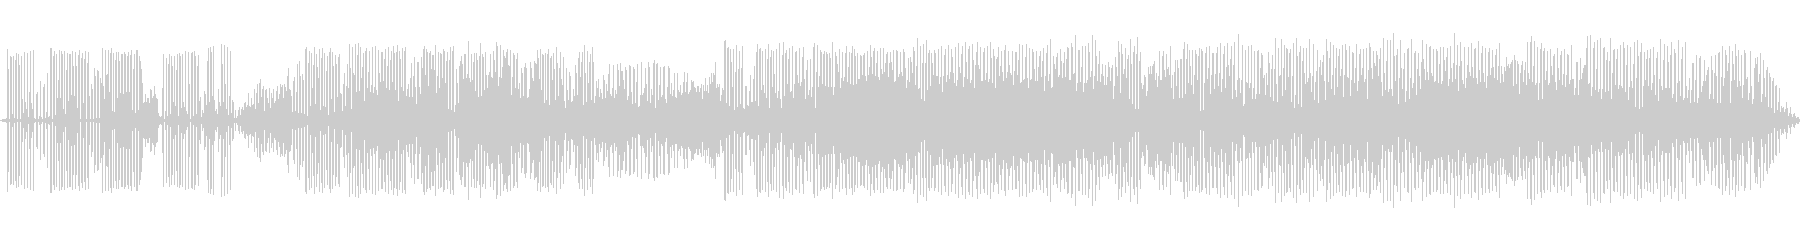 カエルの鳴き声-4の未再生の波形